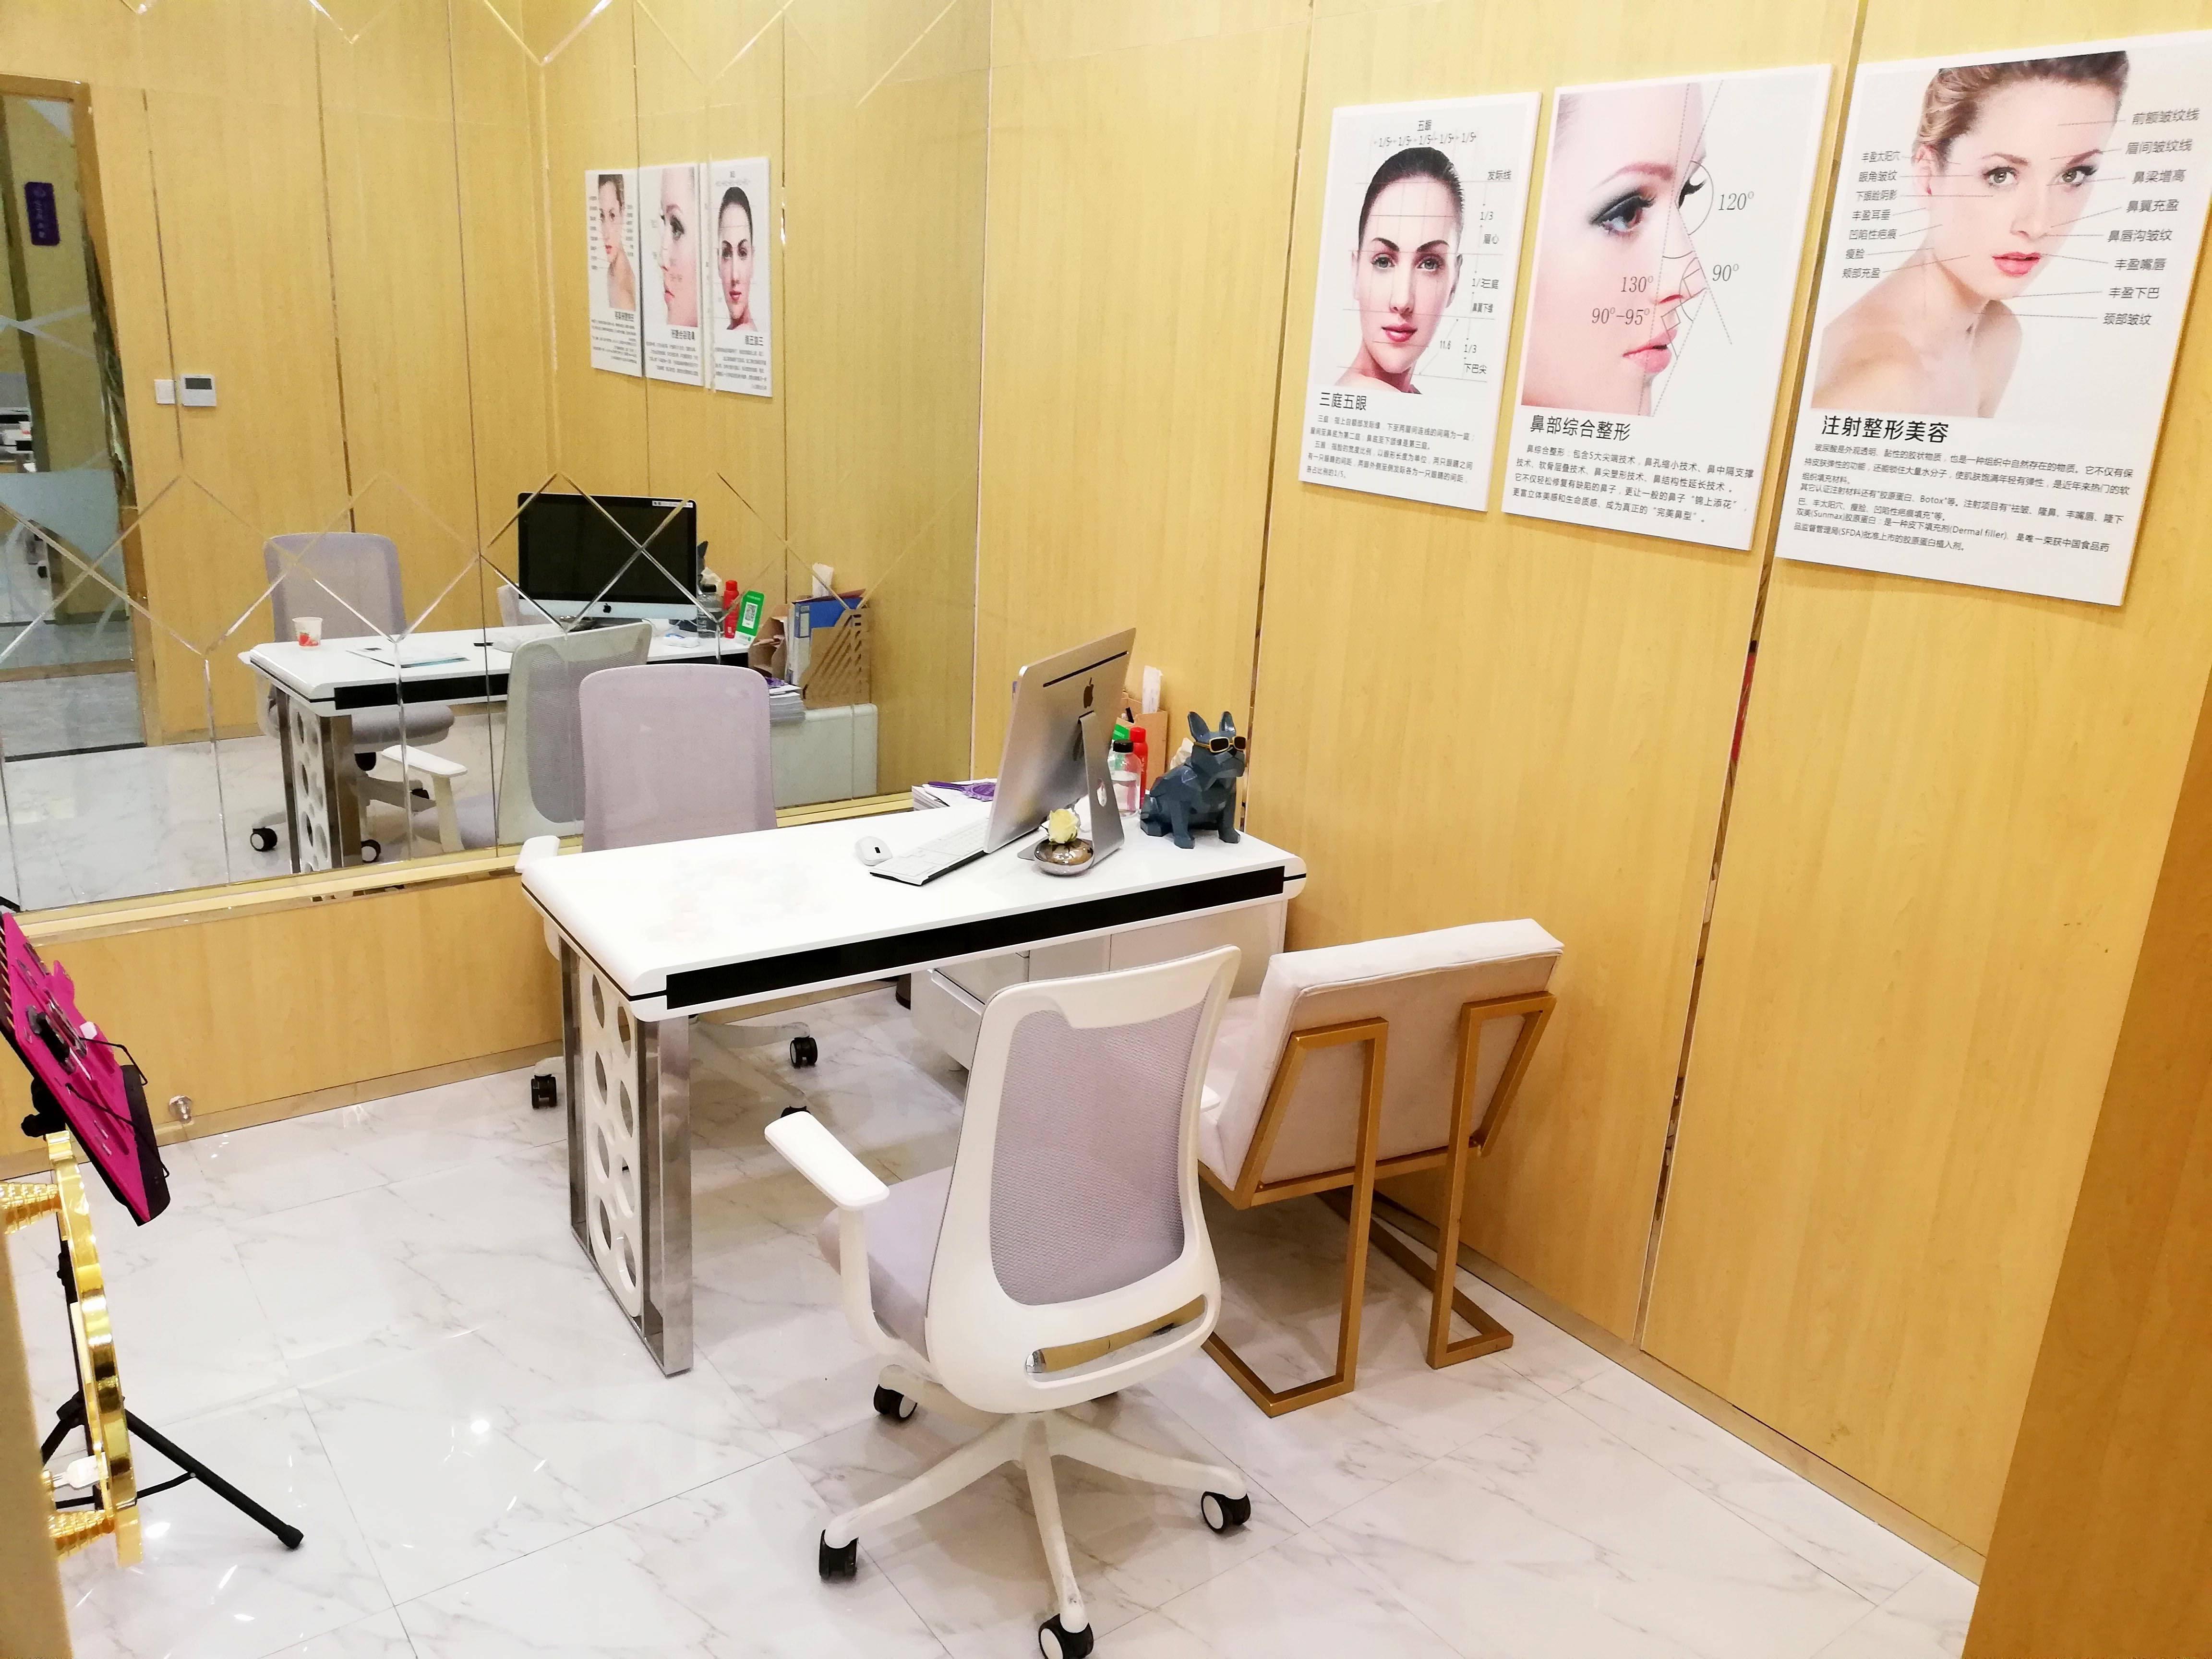 杭州港丽医疗美容诊所环境图3